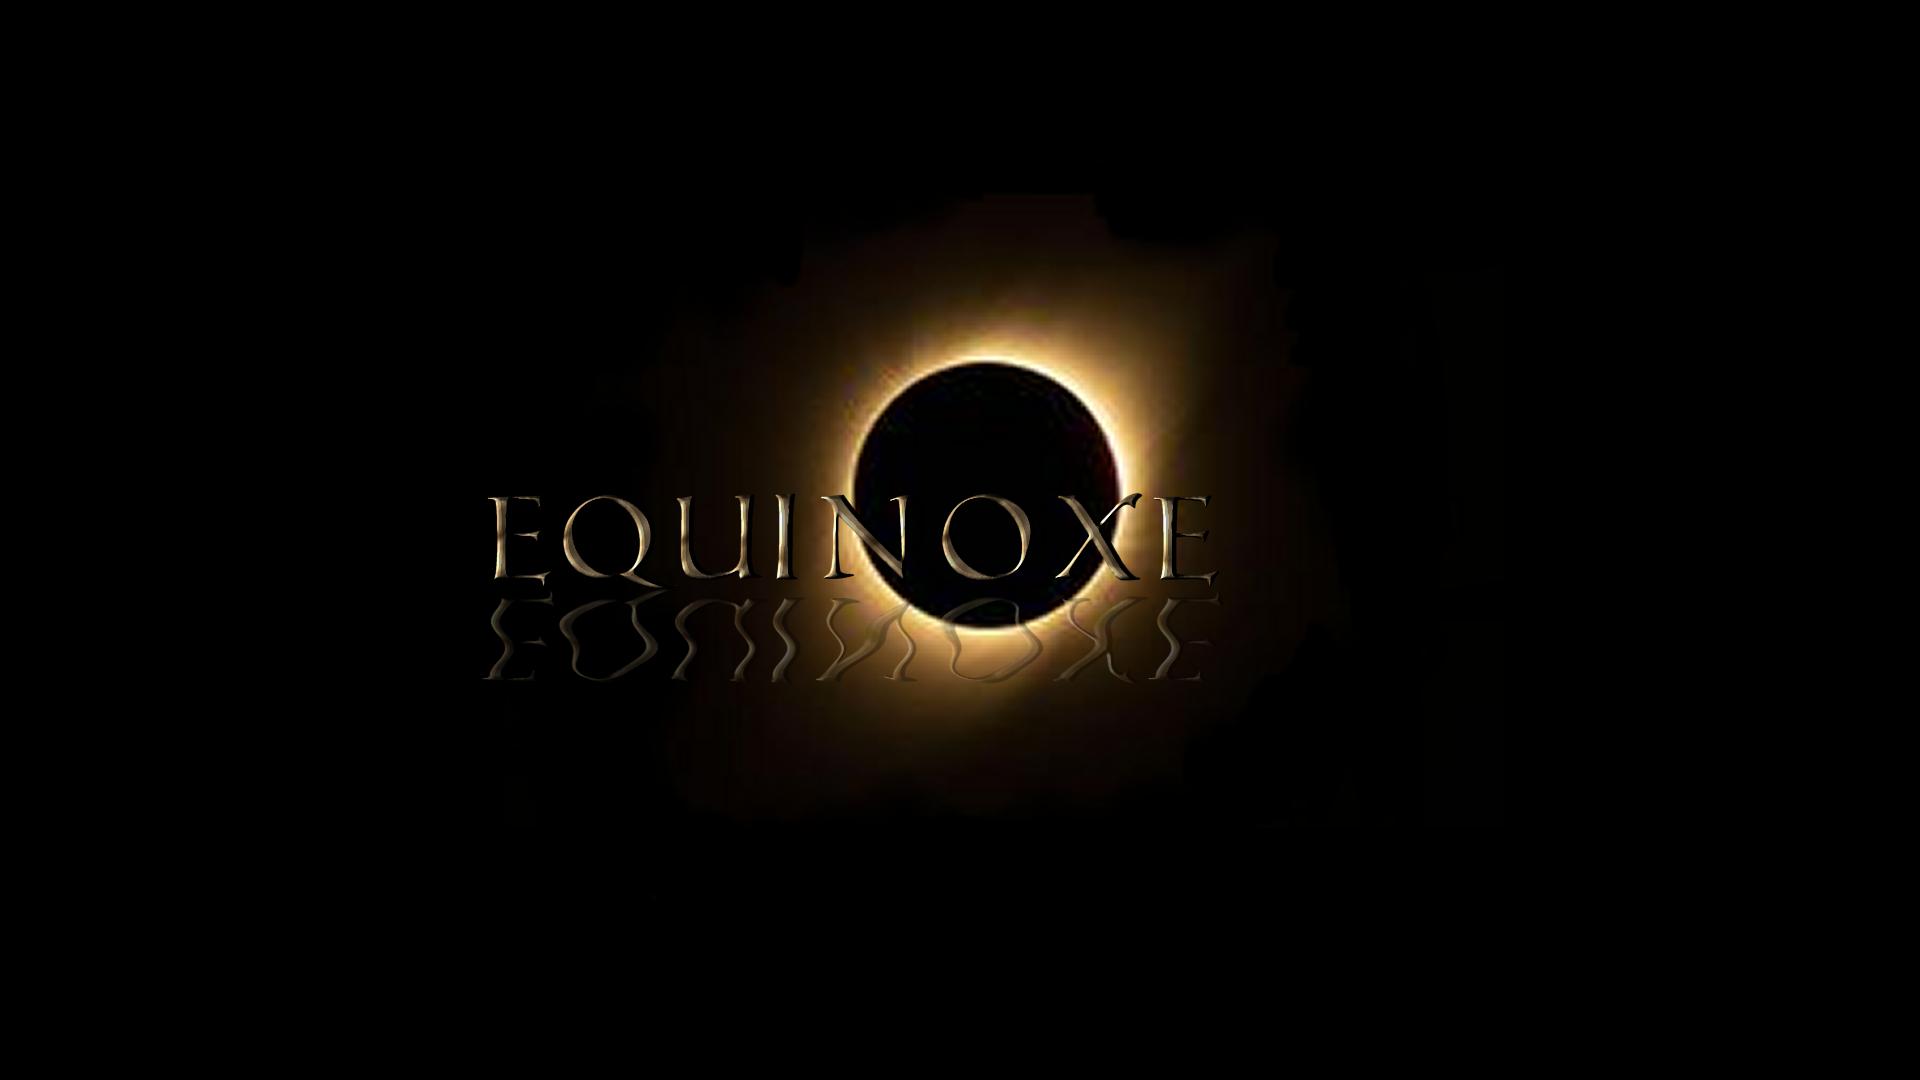 Equinoxe3